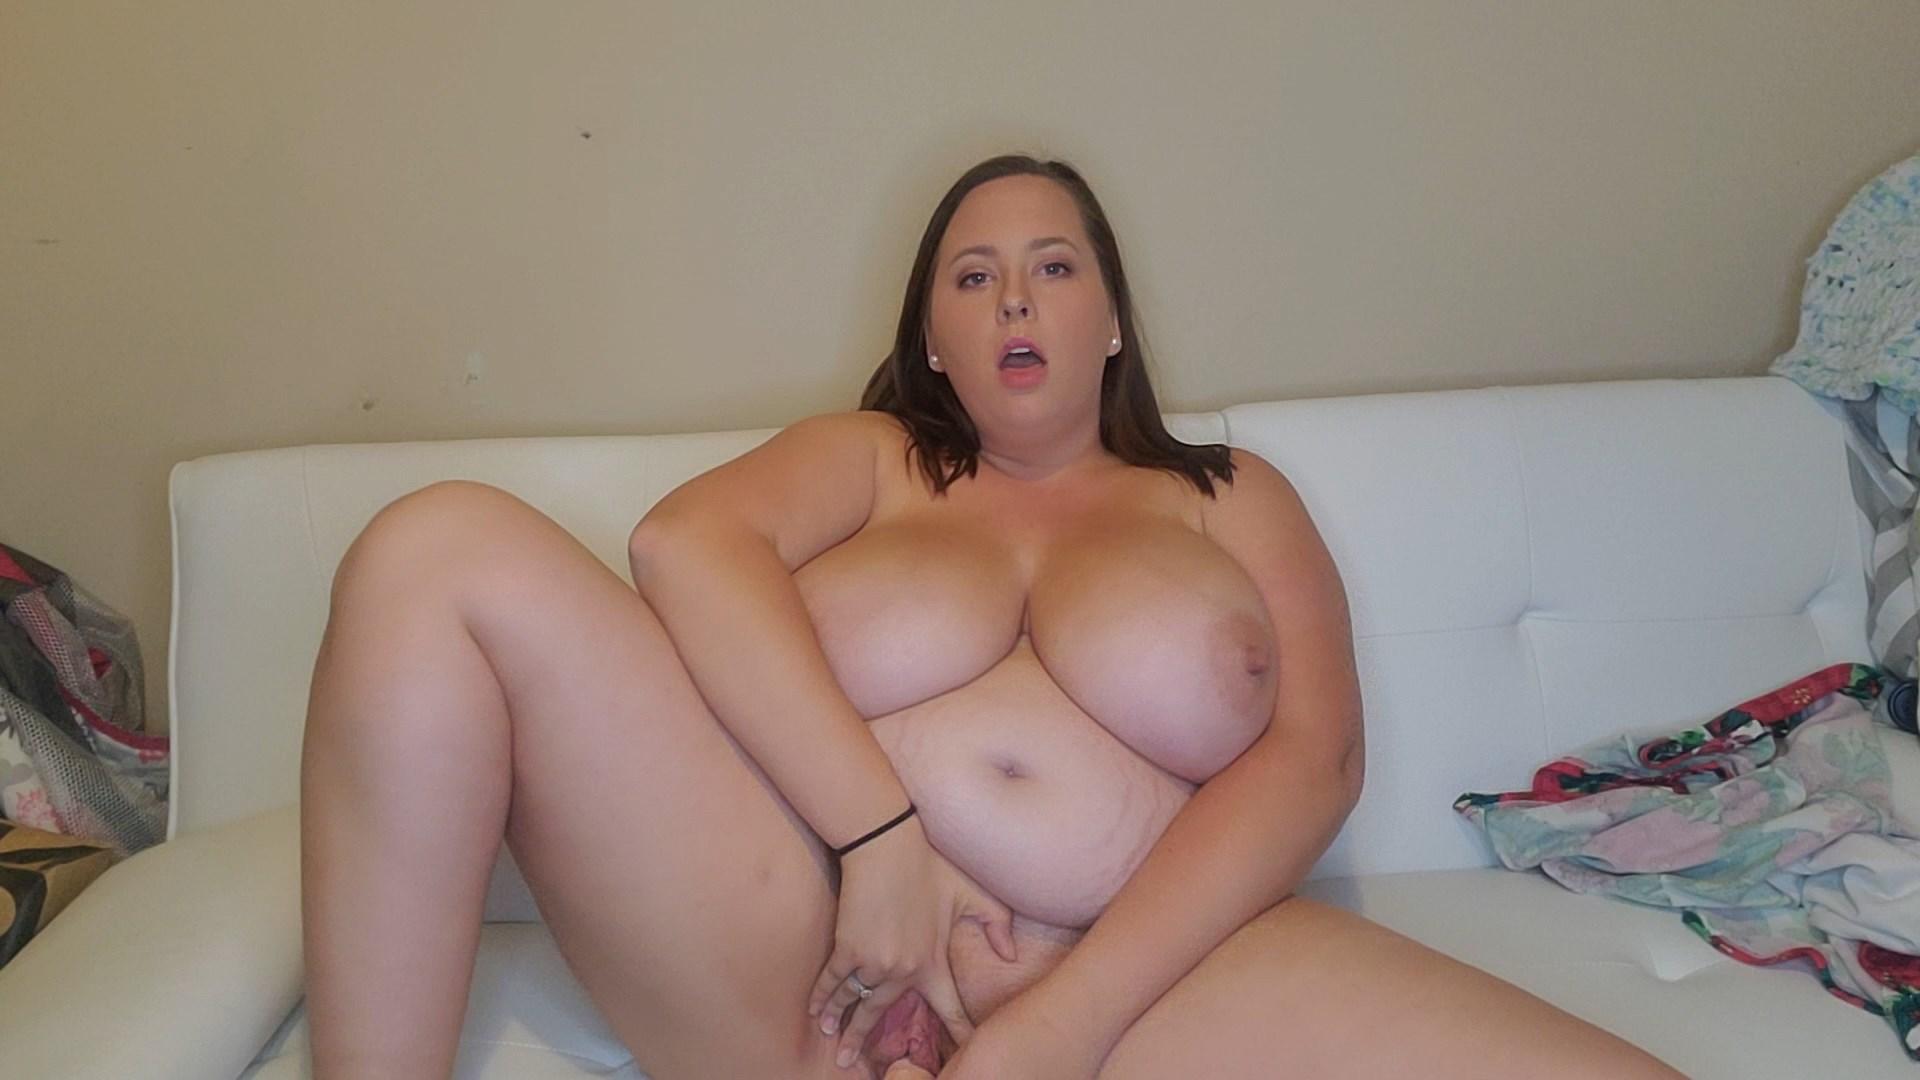 bbquinn2332 - Sex Education from Mom